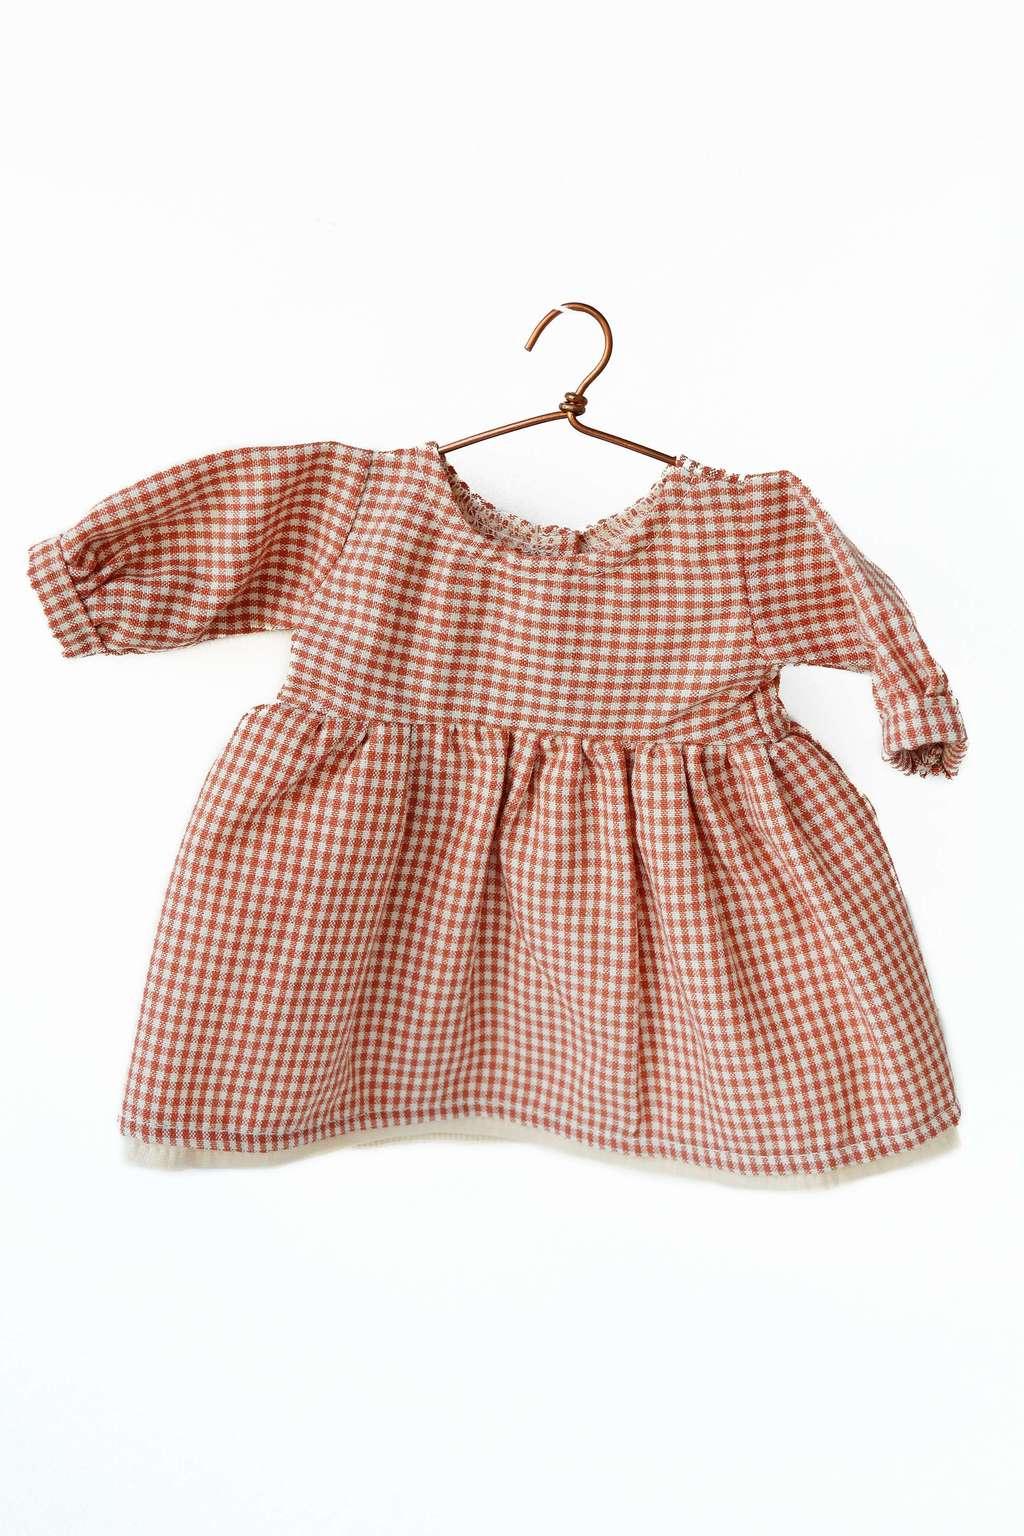 Rødrutet kjole (Philomena Kloss bamse)